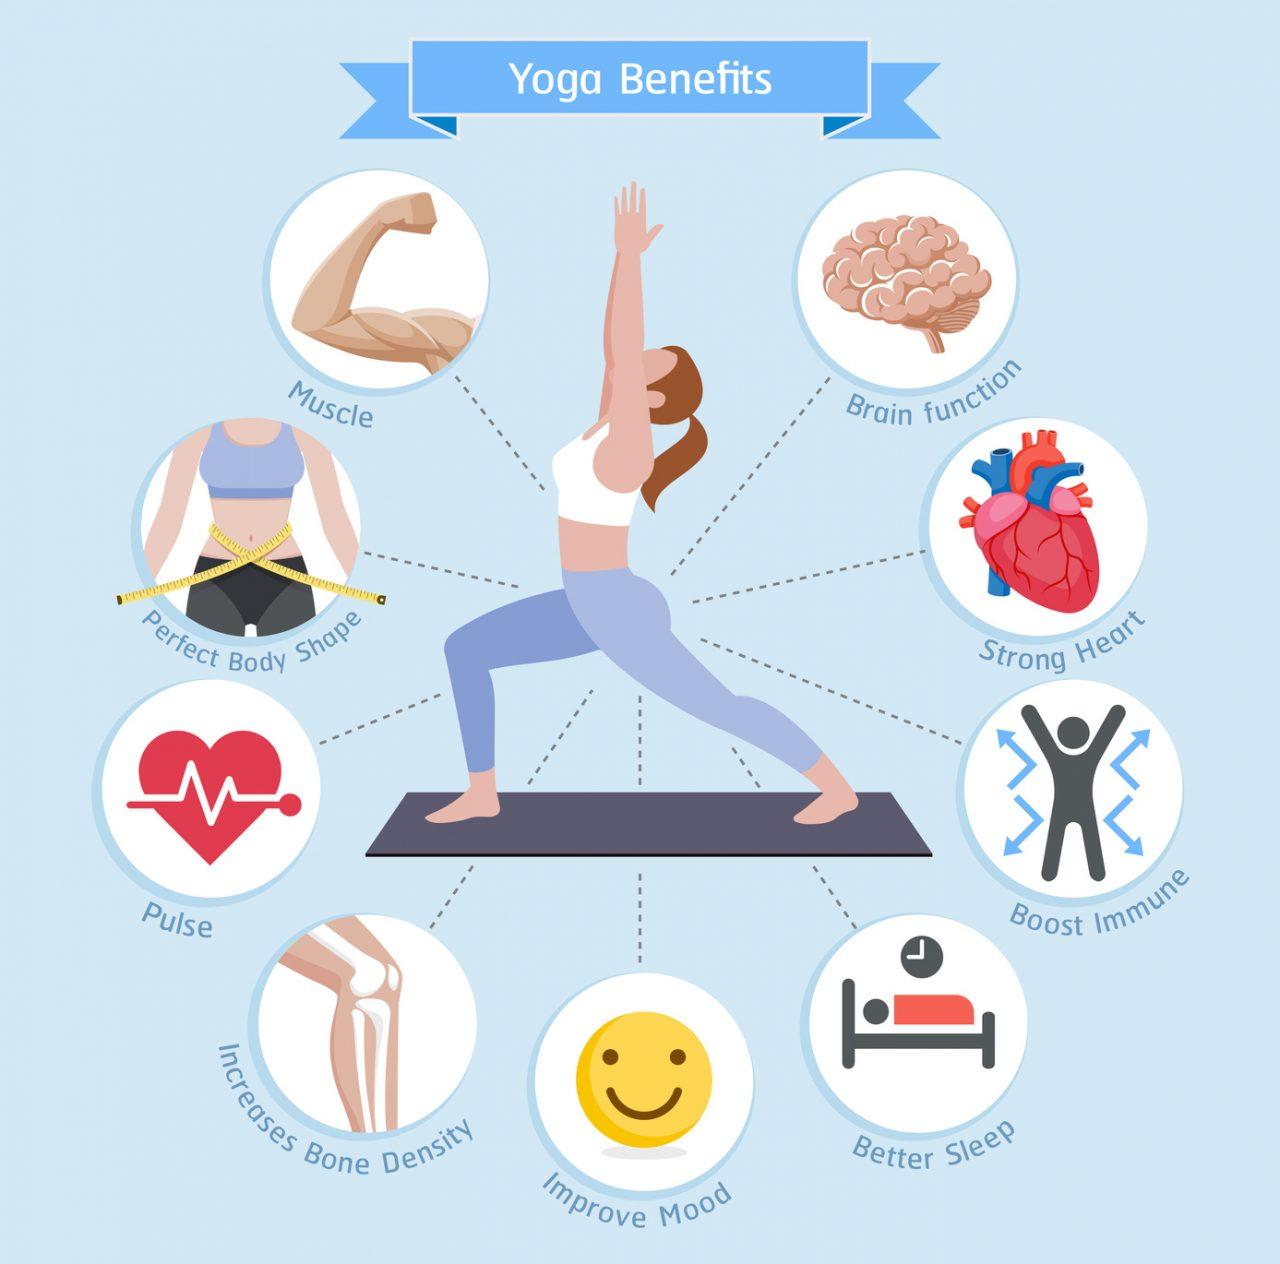 En este momento estás viendo Ashtanga yoga beneficios